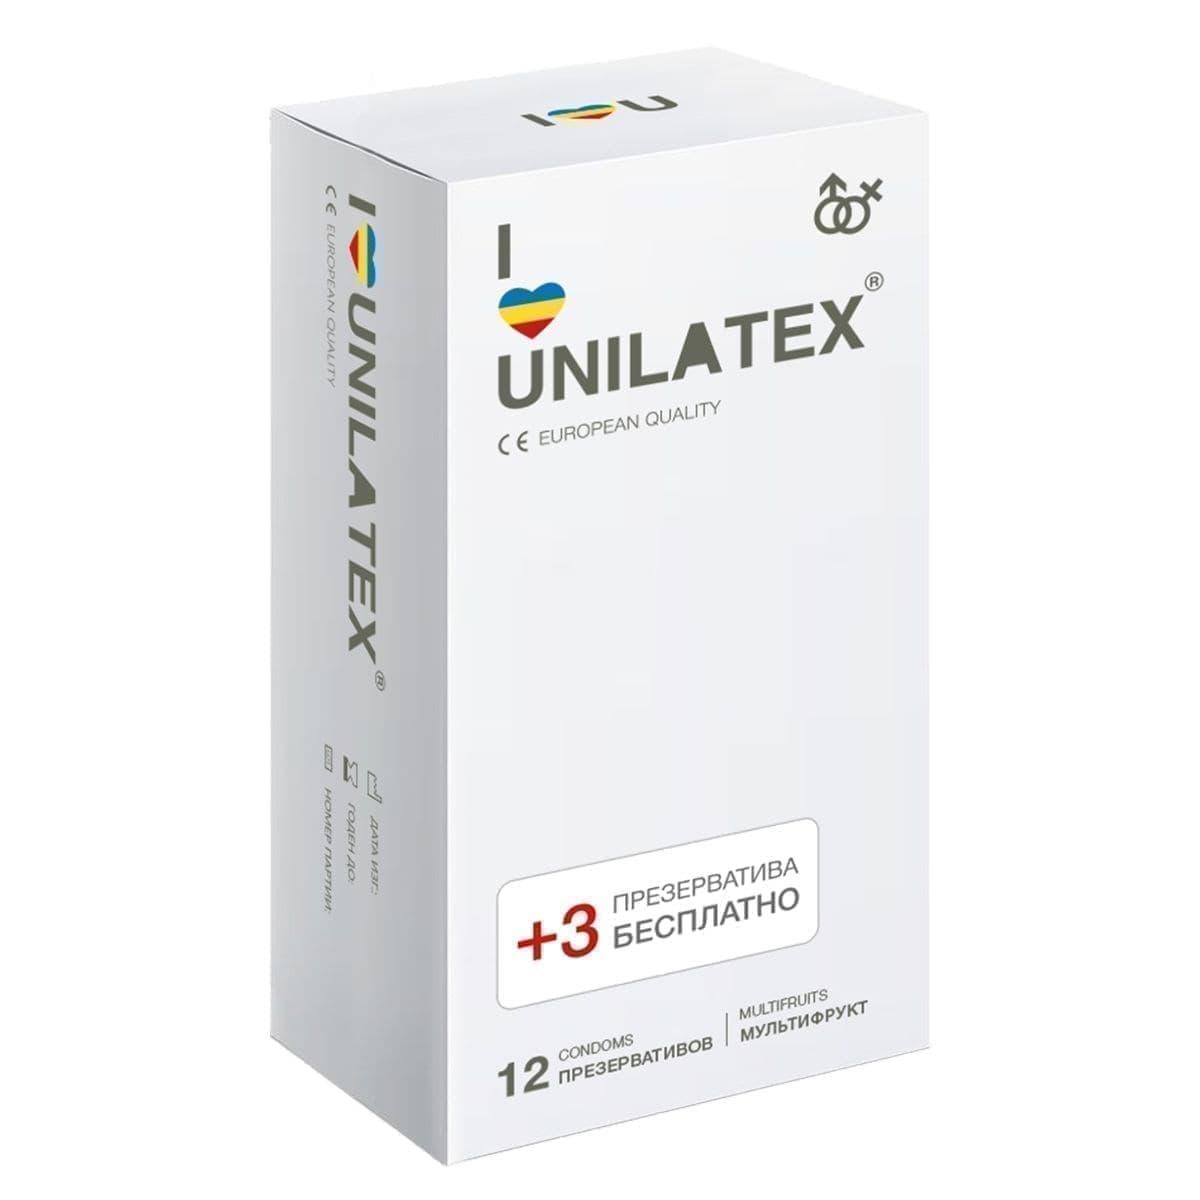 Ароматизированные презервативы Unilatex Multifruits - фото 11085